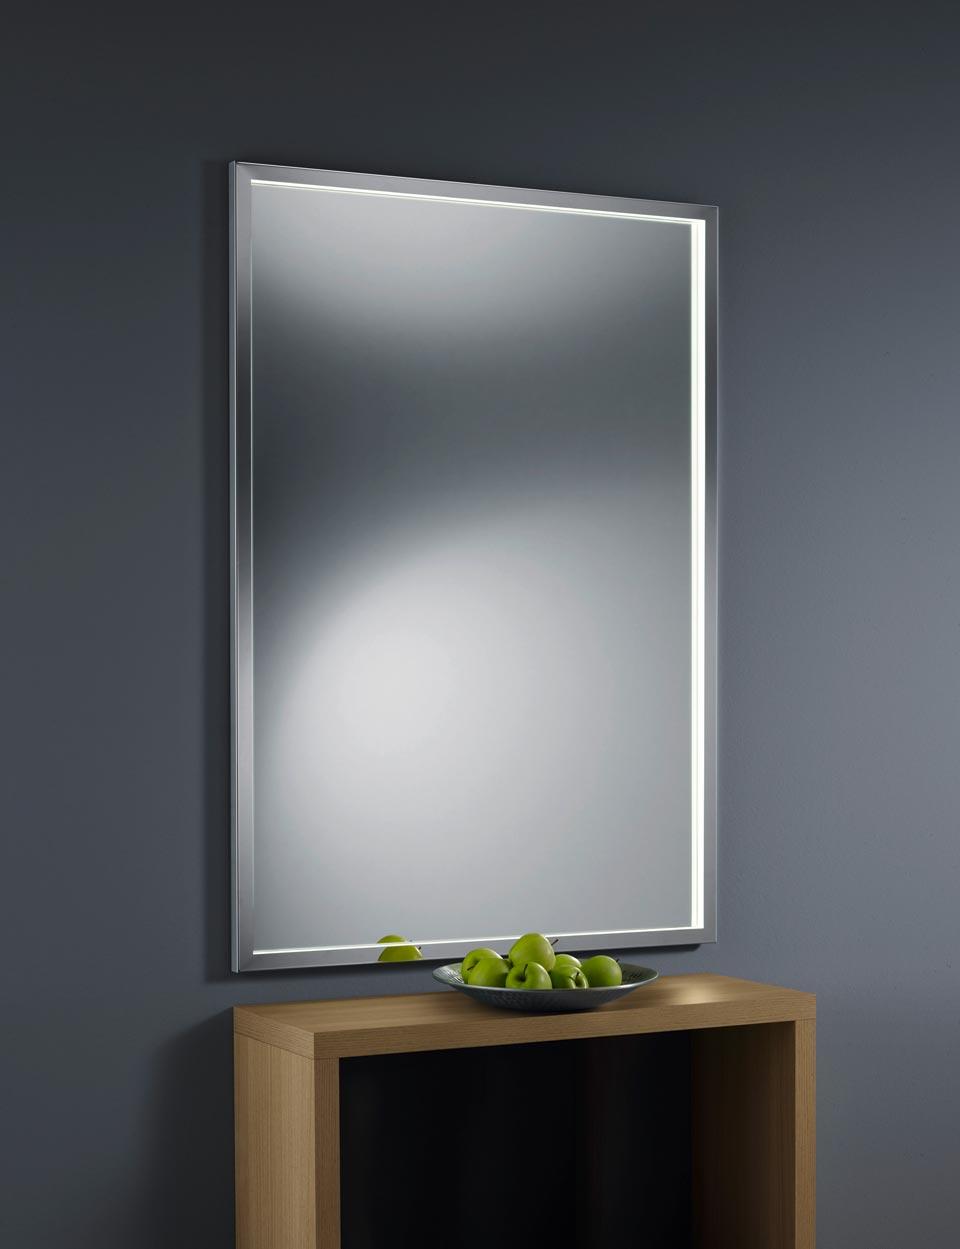 Miroir Eclairant Salle De Bain miroir lumineux pour la salle de bain, protection ip44